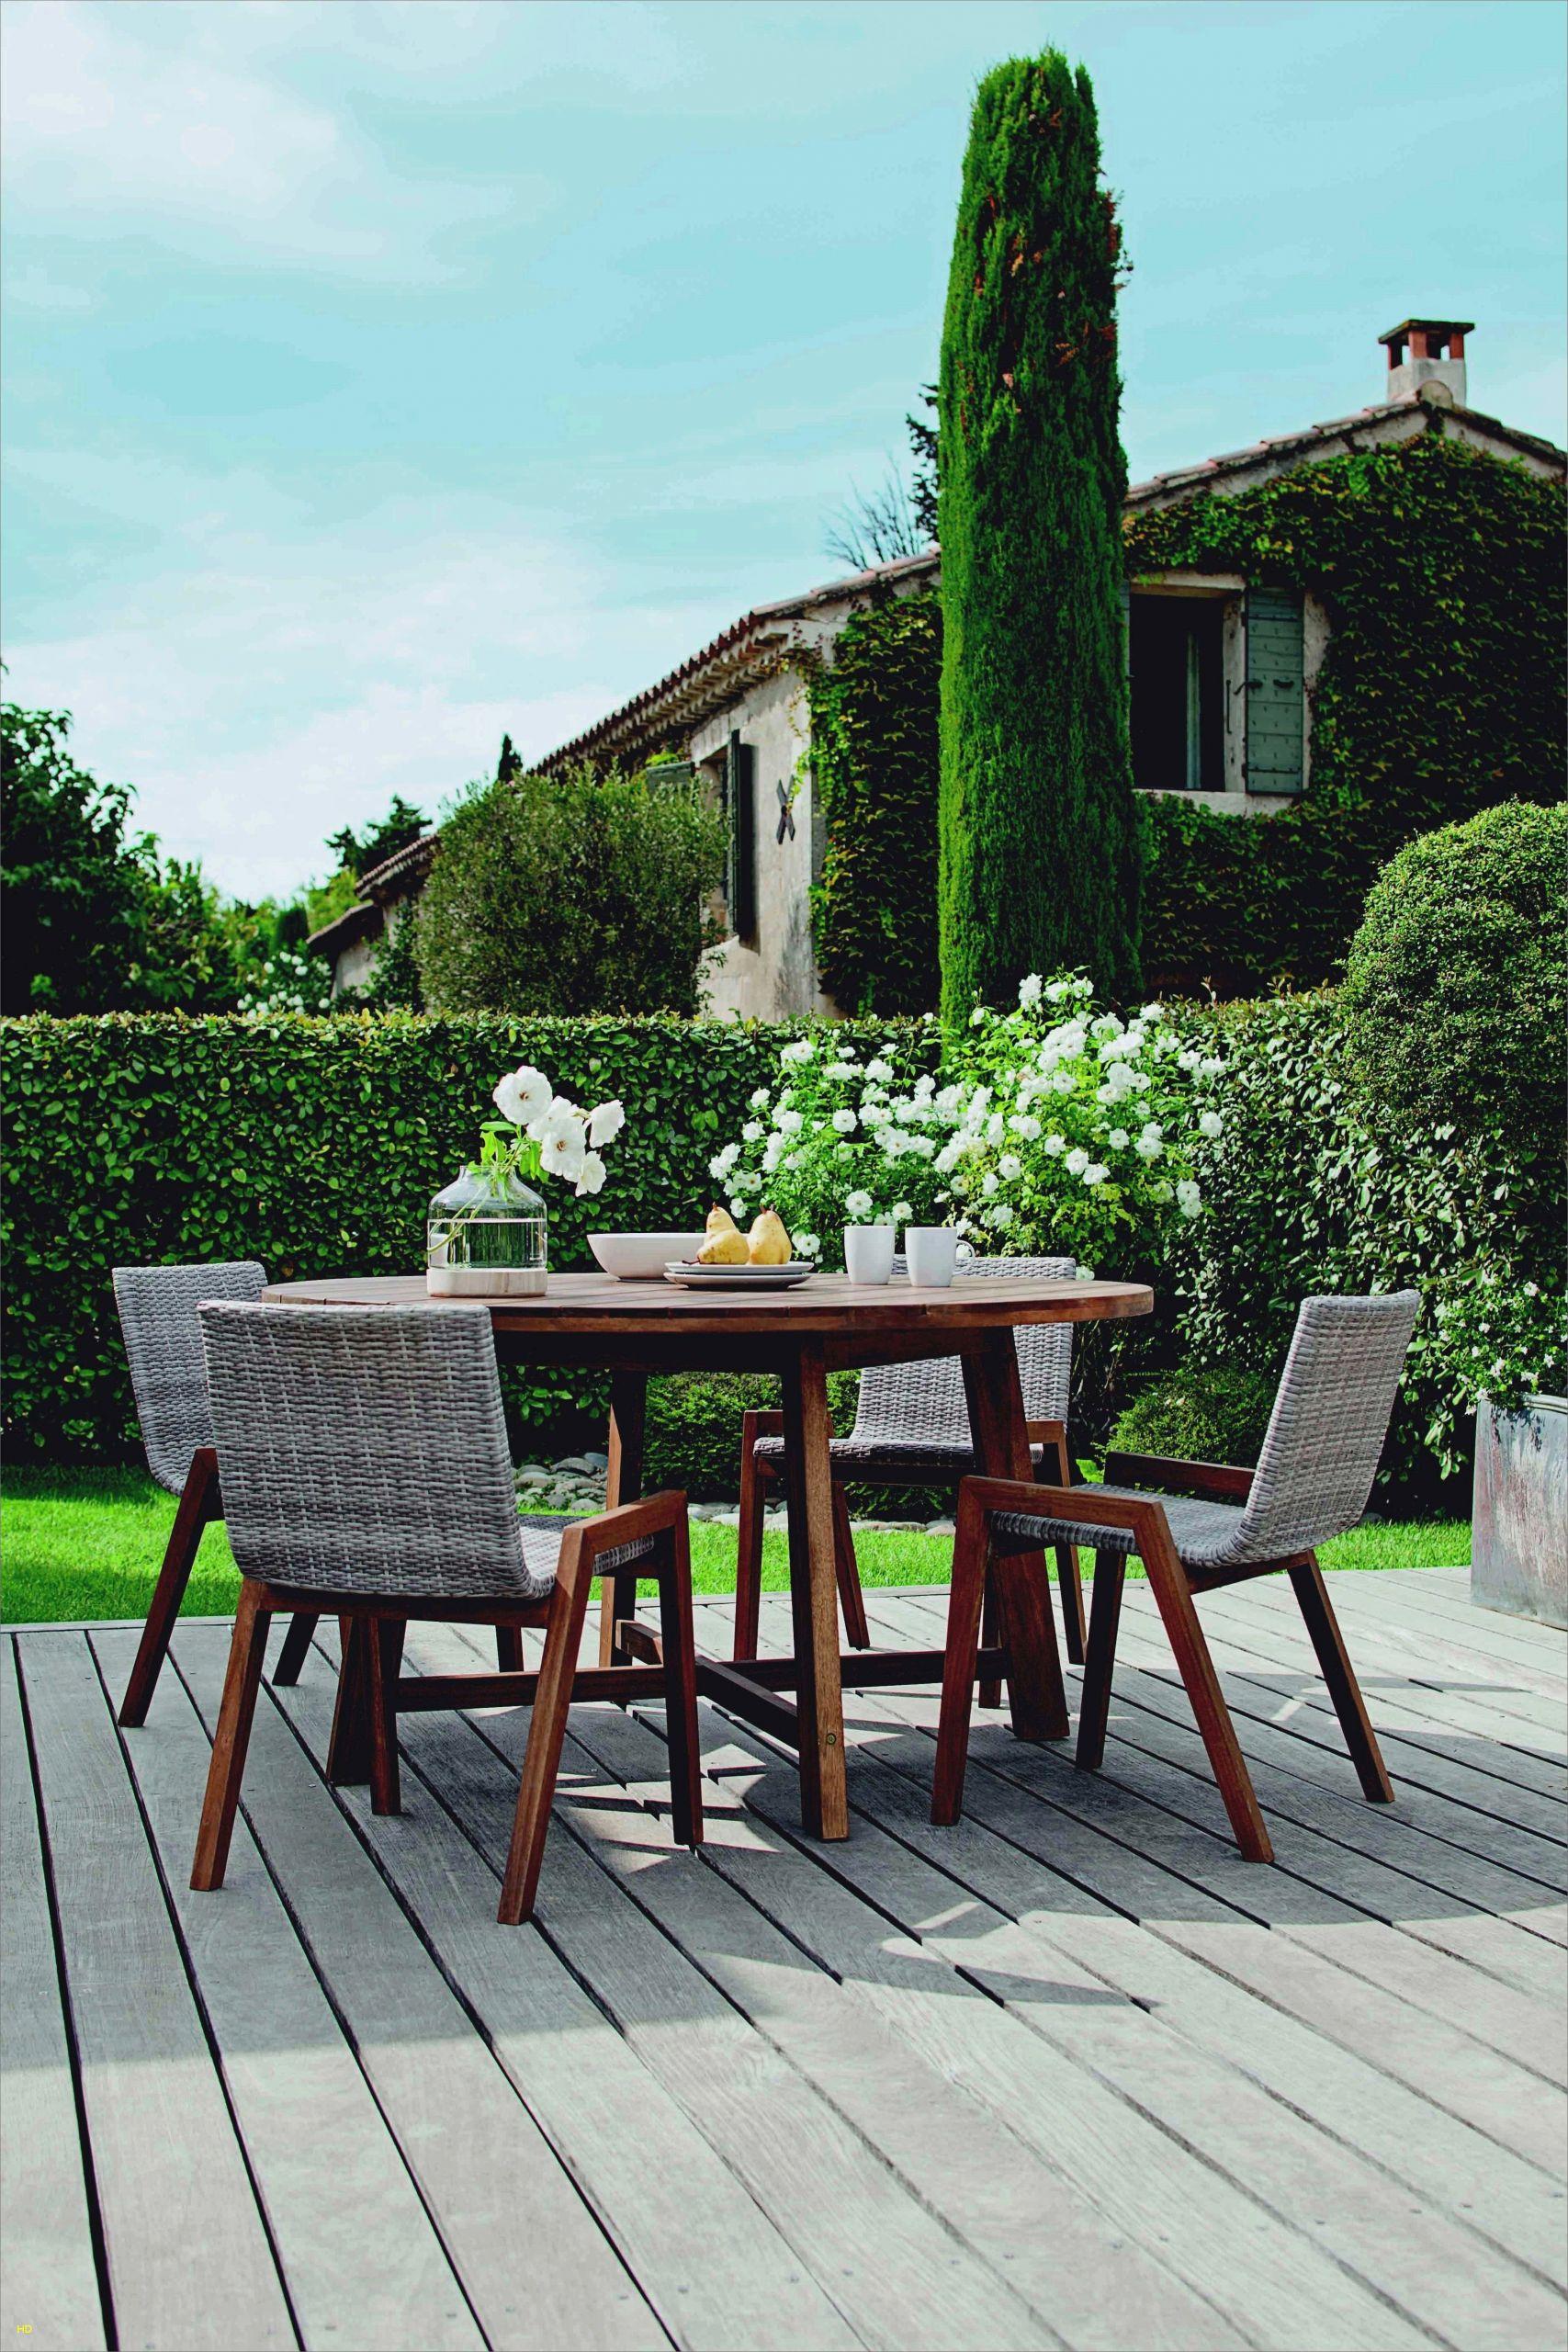 Solde Salon Jardin Best Of Salon De Jardin Leclerc Catalogue ... à Table De Jardin Magasin Leclerc